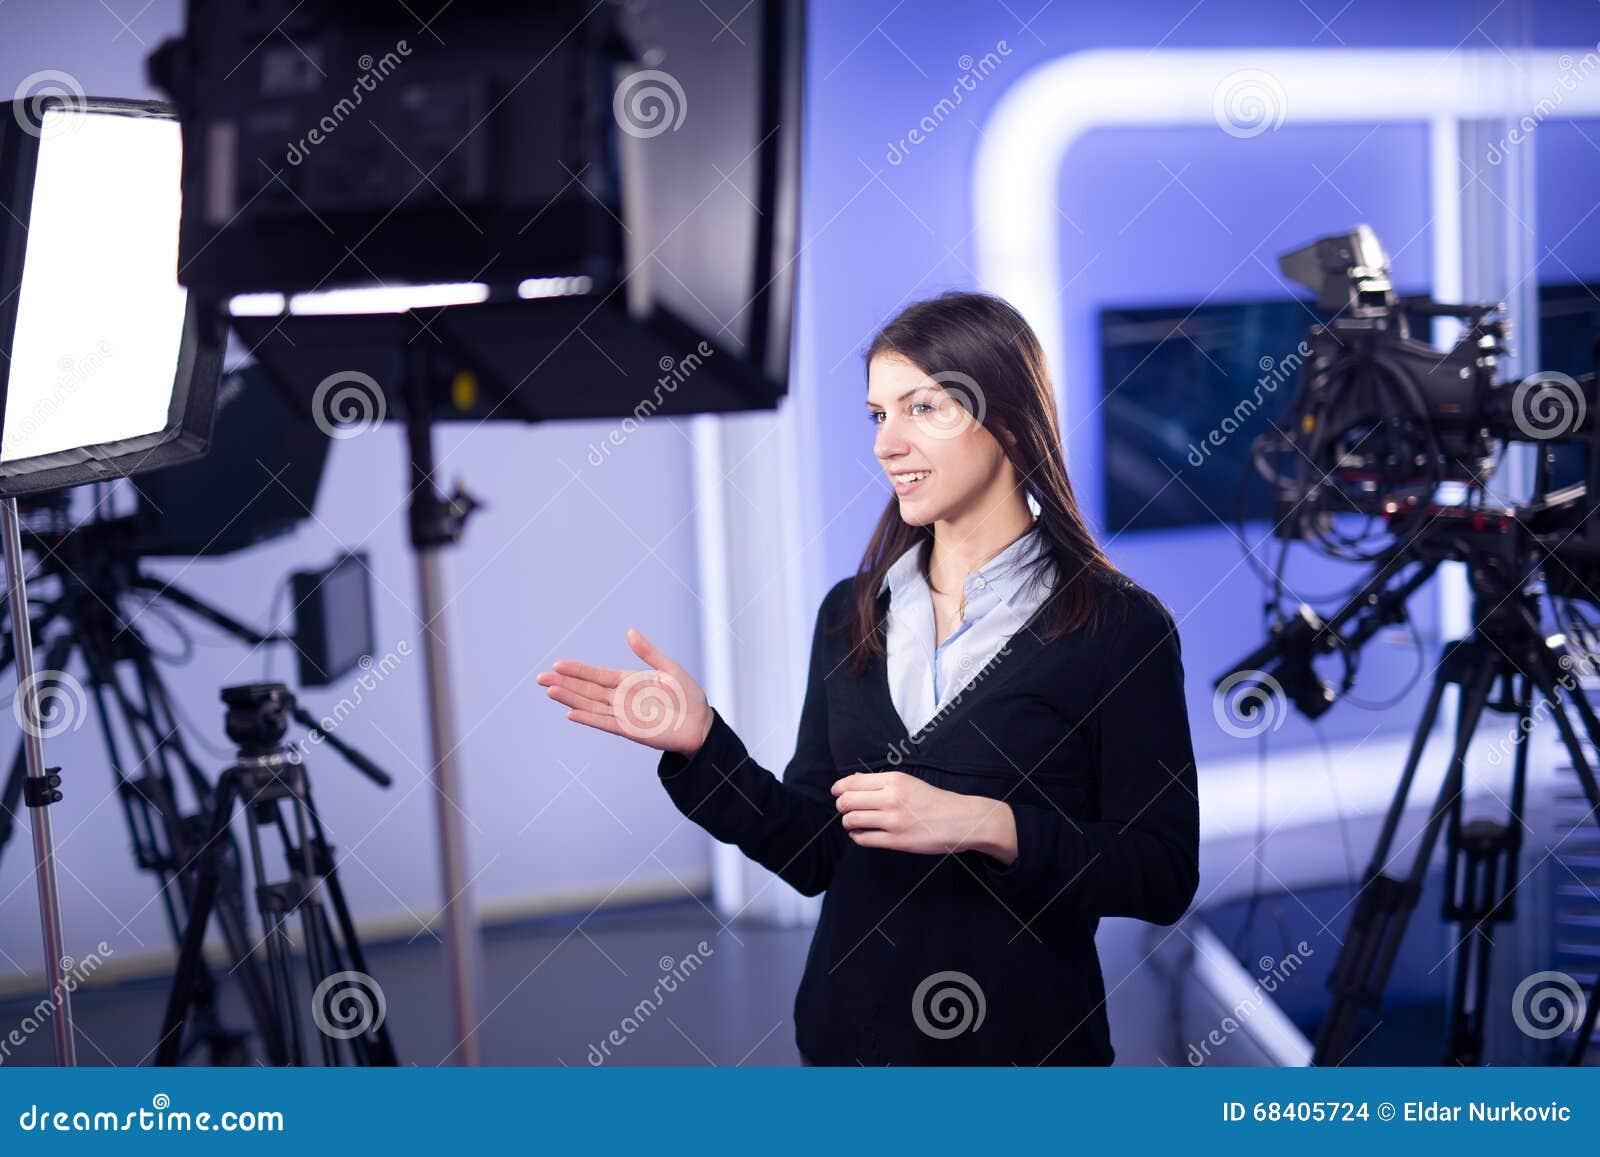 电视赠送者录音在新闻演播室 提出业务报告的女性新闻工作者船锚,记录在电视演播室